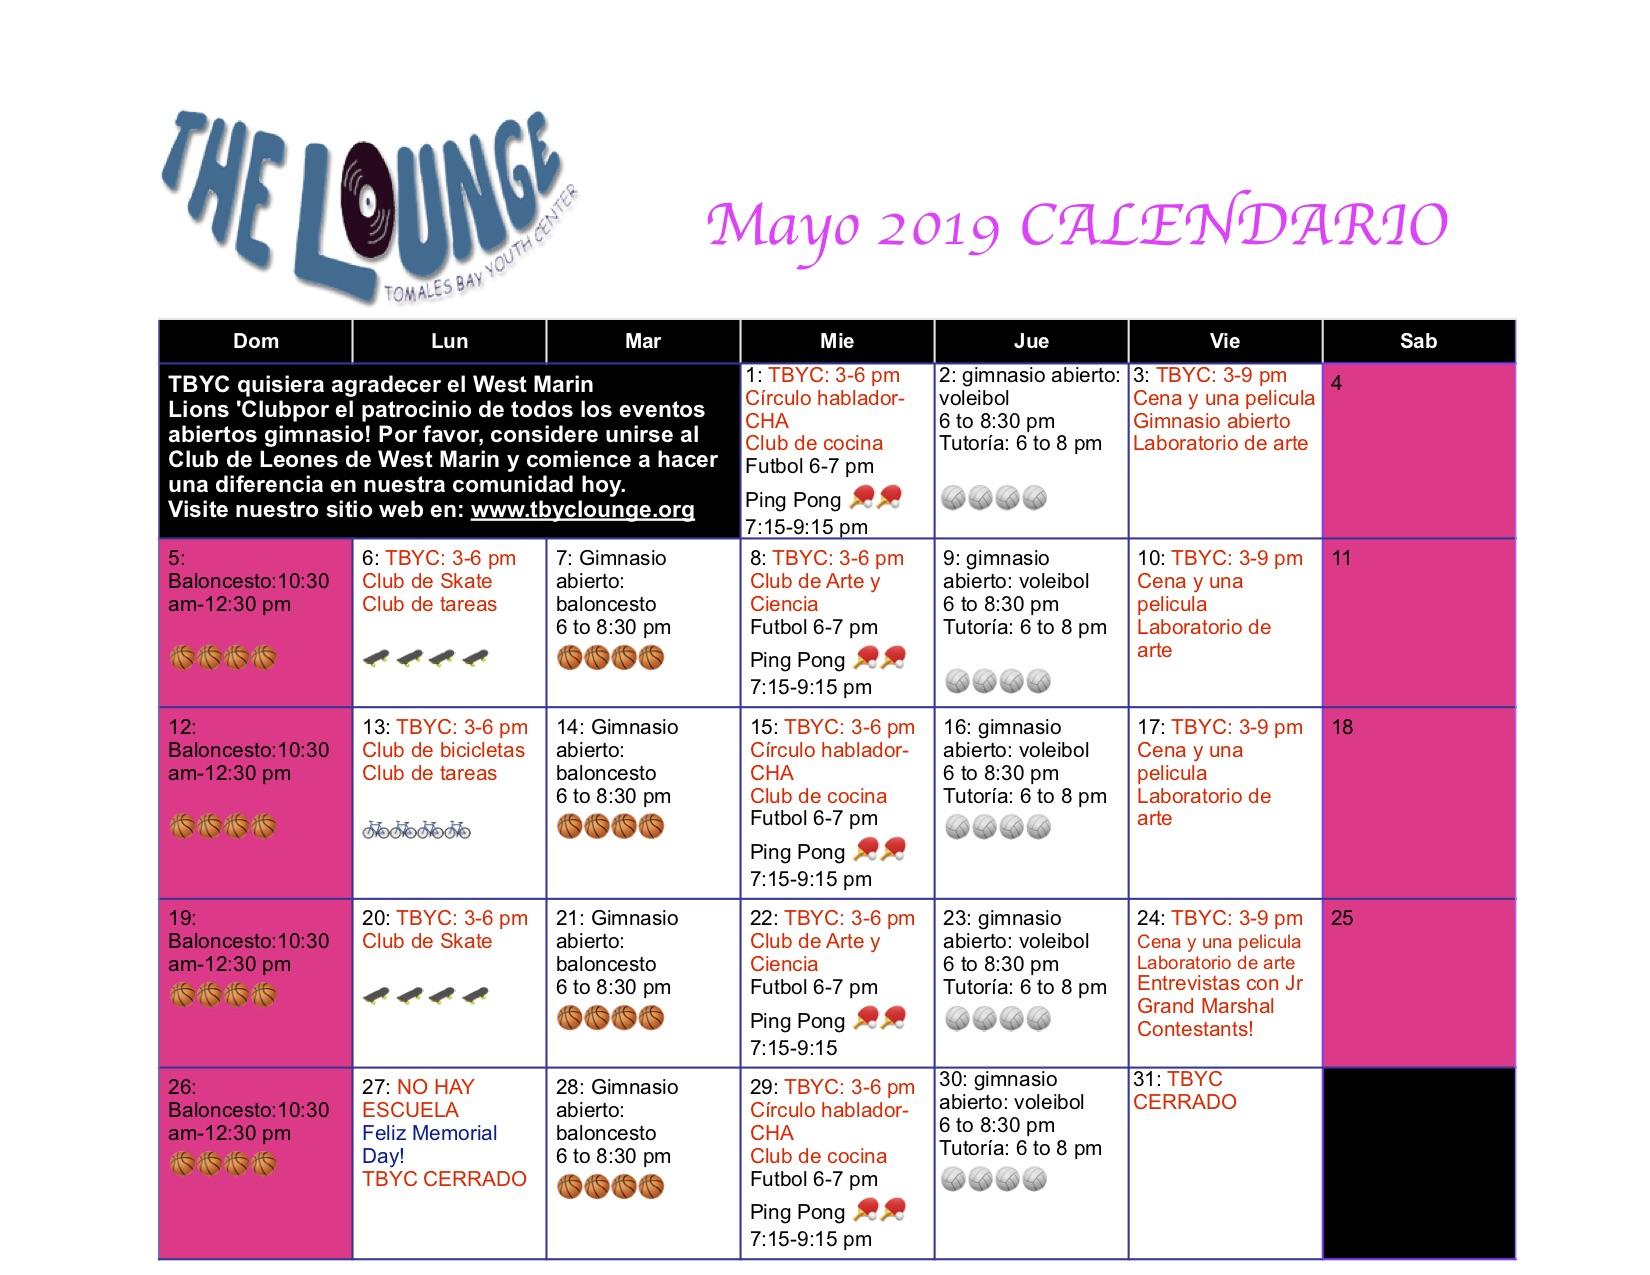 Futbol Calendario.Mayo Calendario De Eventos Tbyc